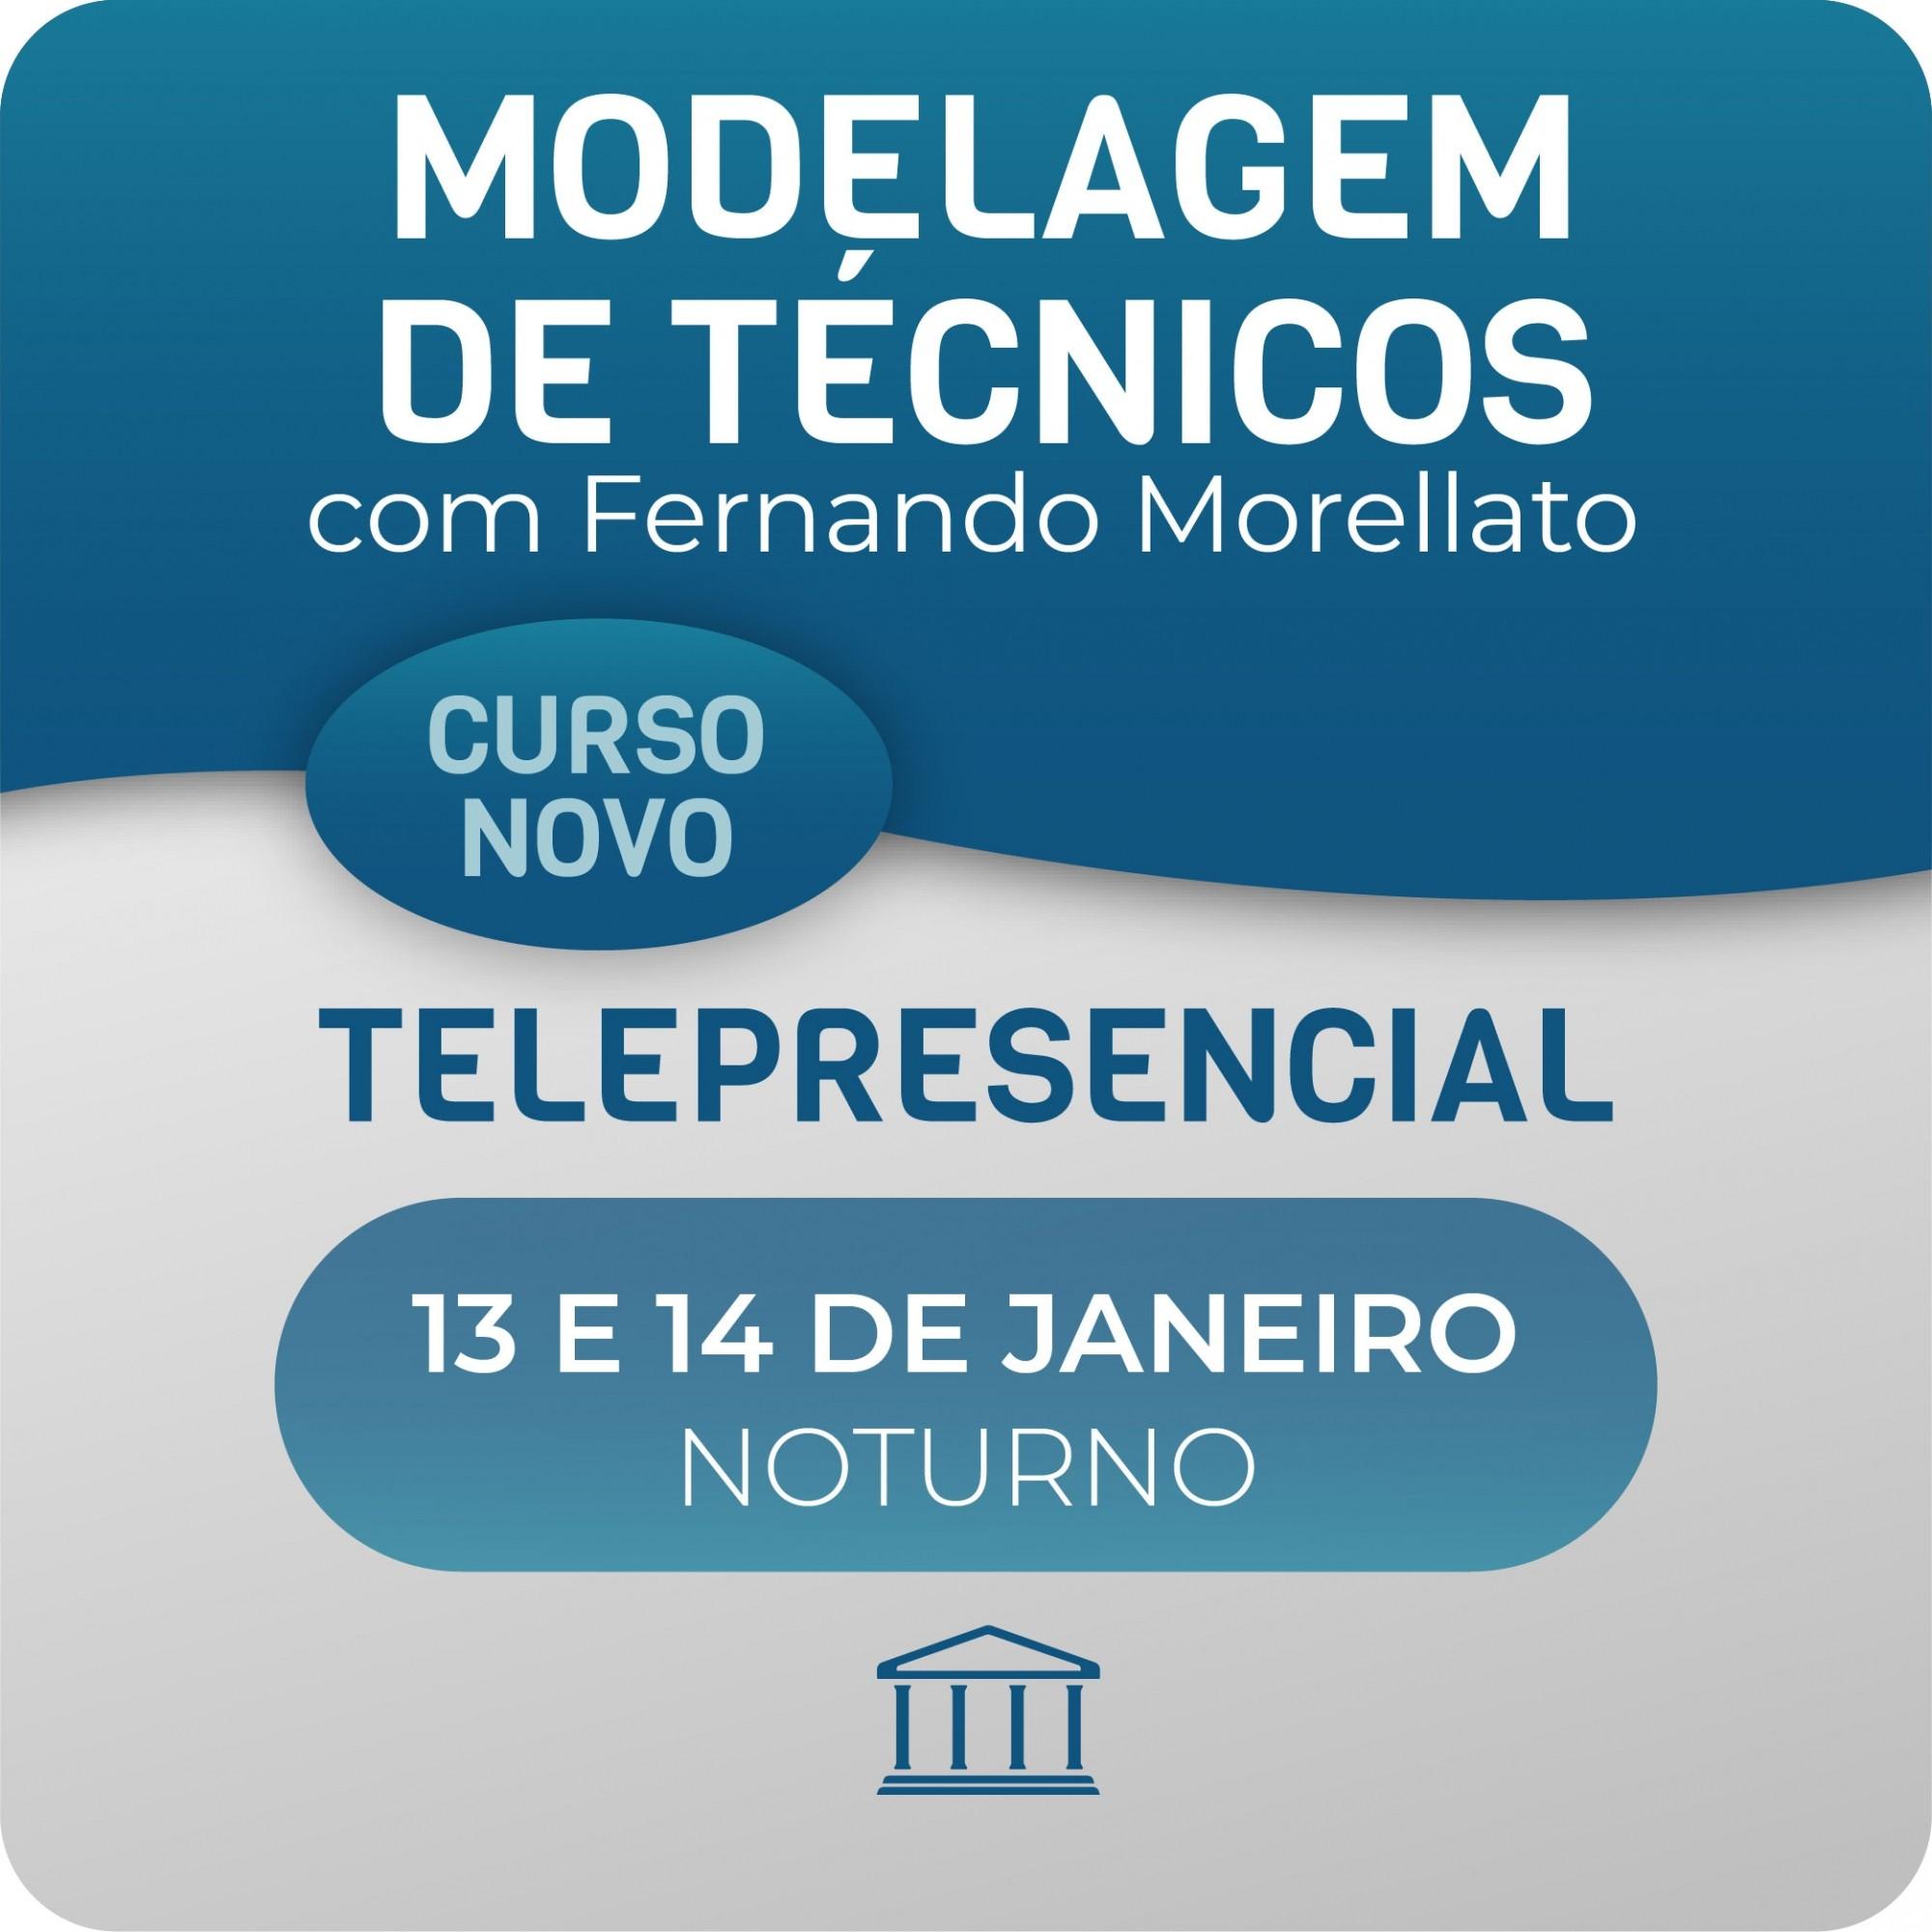 Modelagem de Técnicos de Telecom  - Voz e Dados